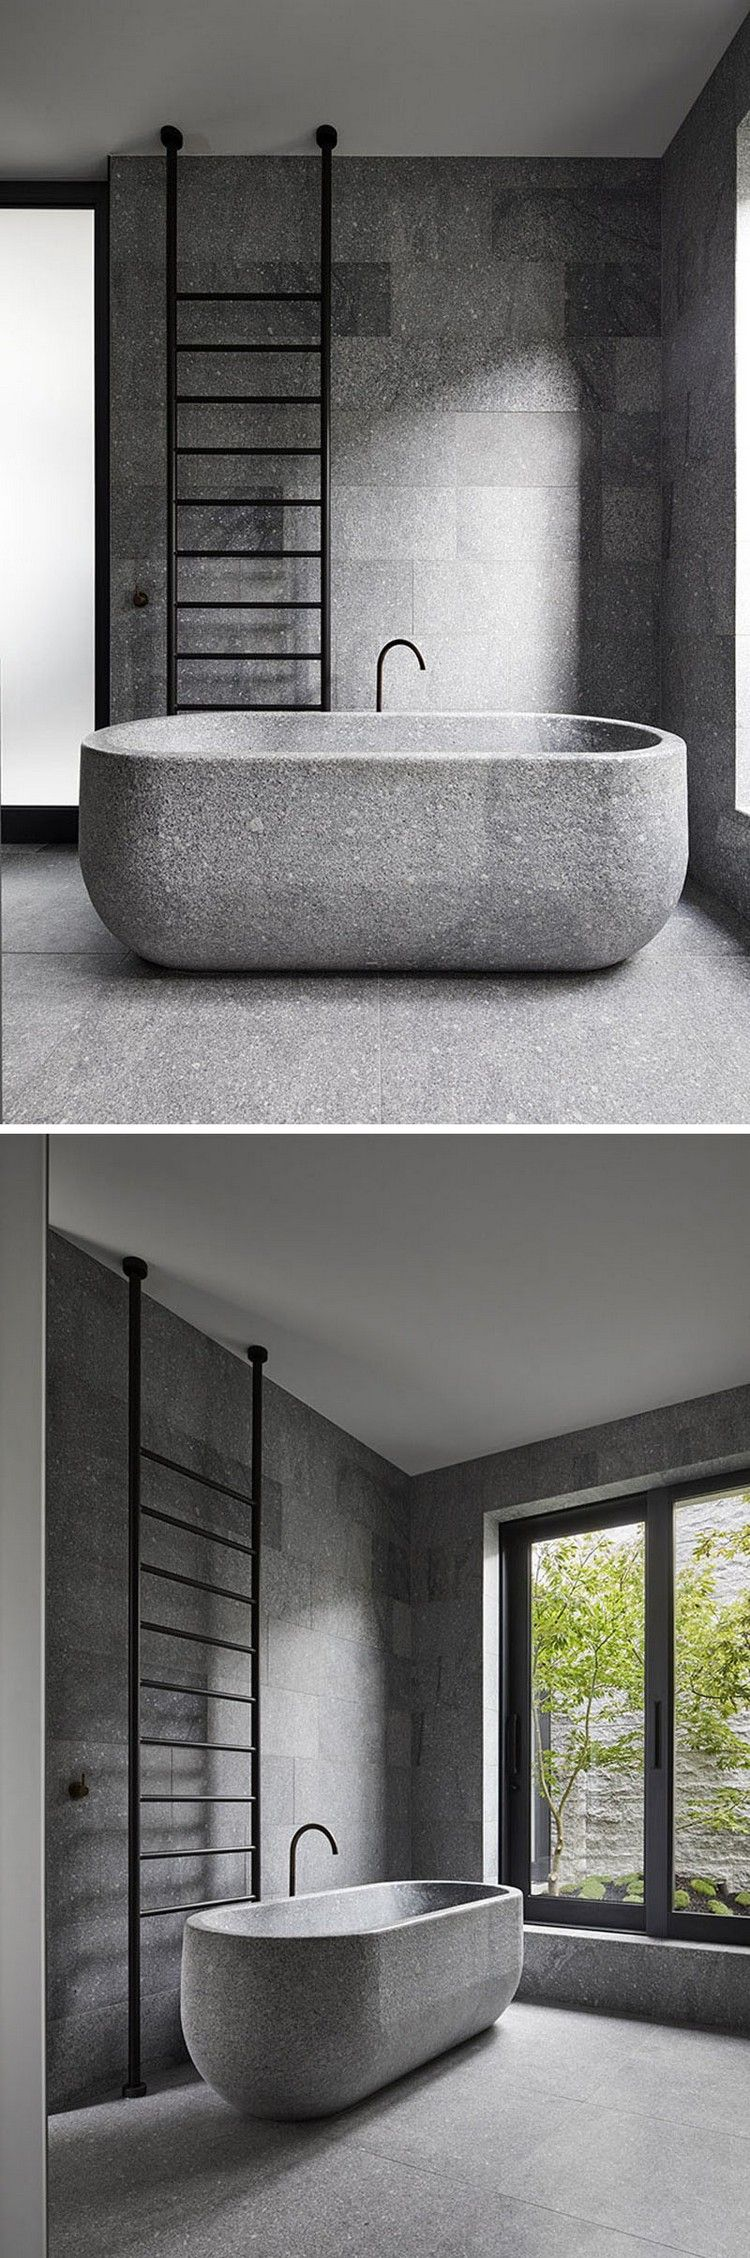 Modernes Badezimmer Design Granit Fußboden Wände Badewanne #architektur  #architecture #facade #interior